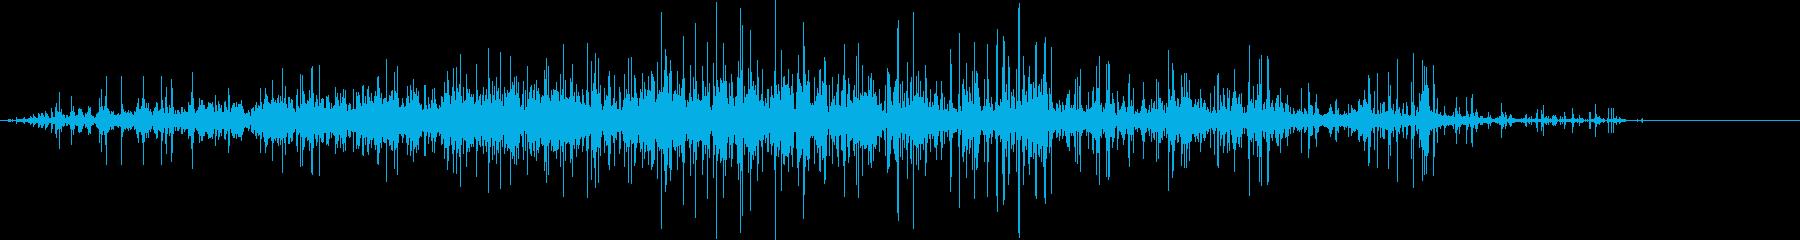 ごろごろガラガラ 瓦礫が崩れる音3の再生済みの波形